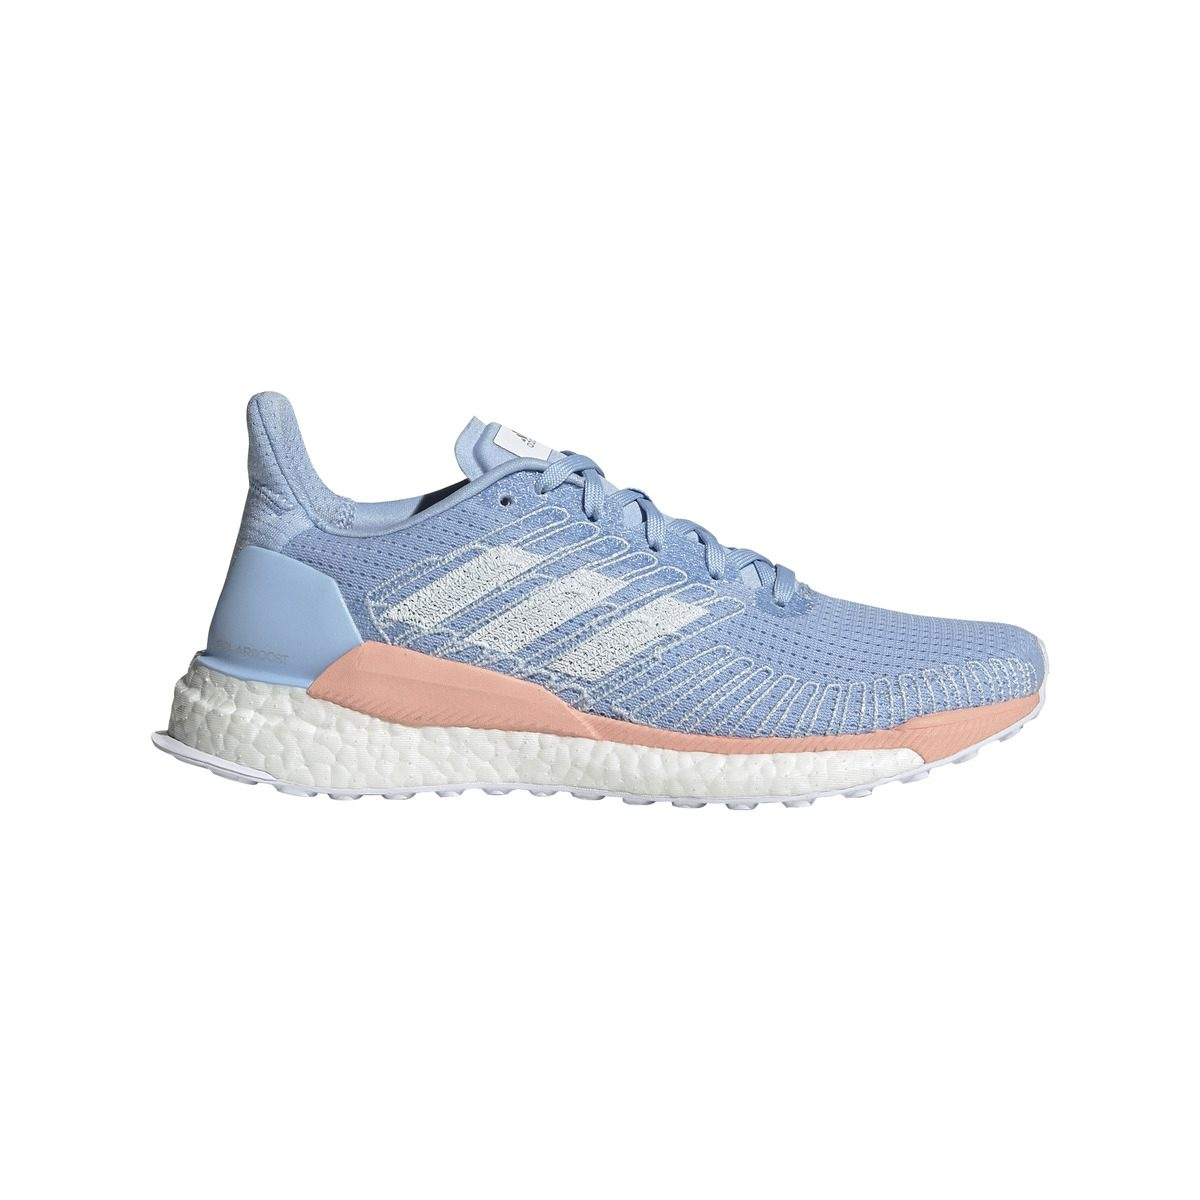 sneakers para el verano - adidas